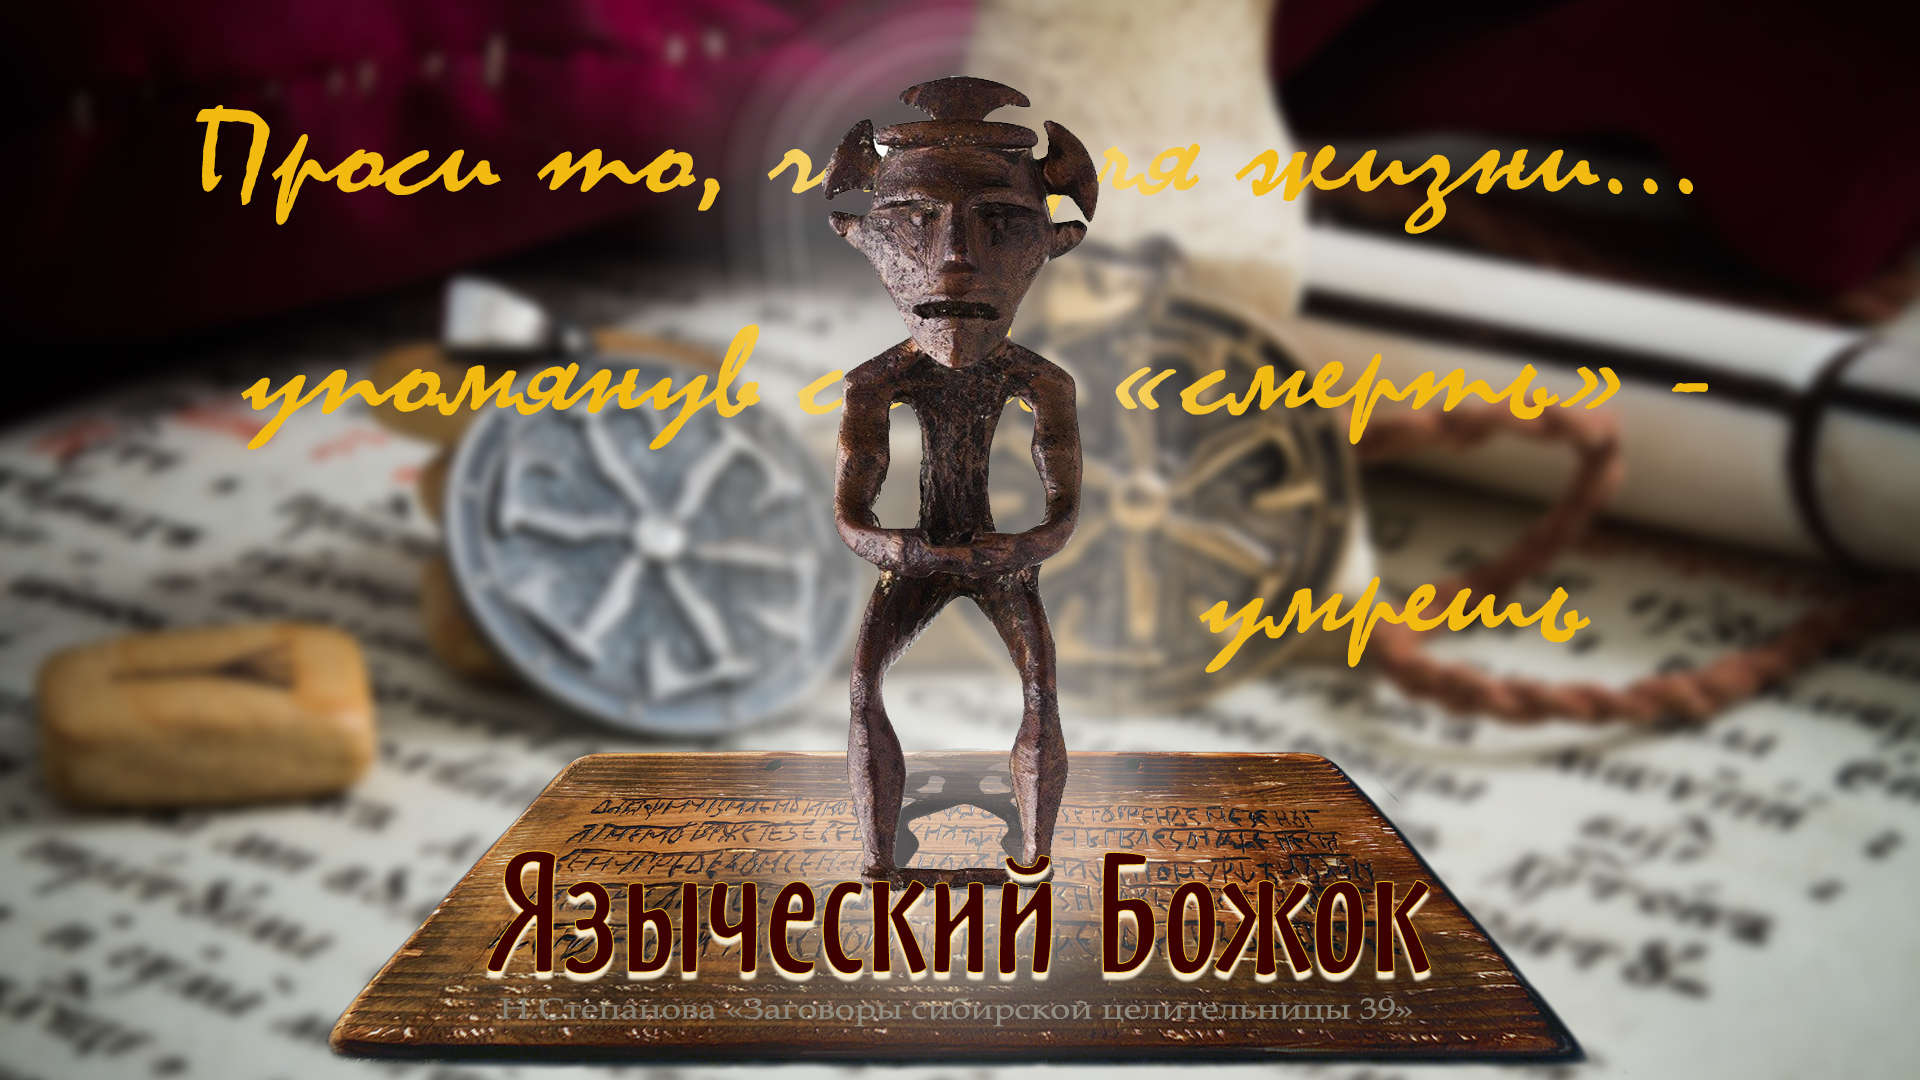 Языческий божок (А.Каменев)